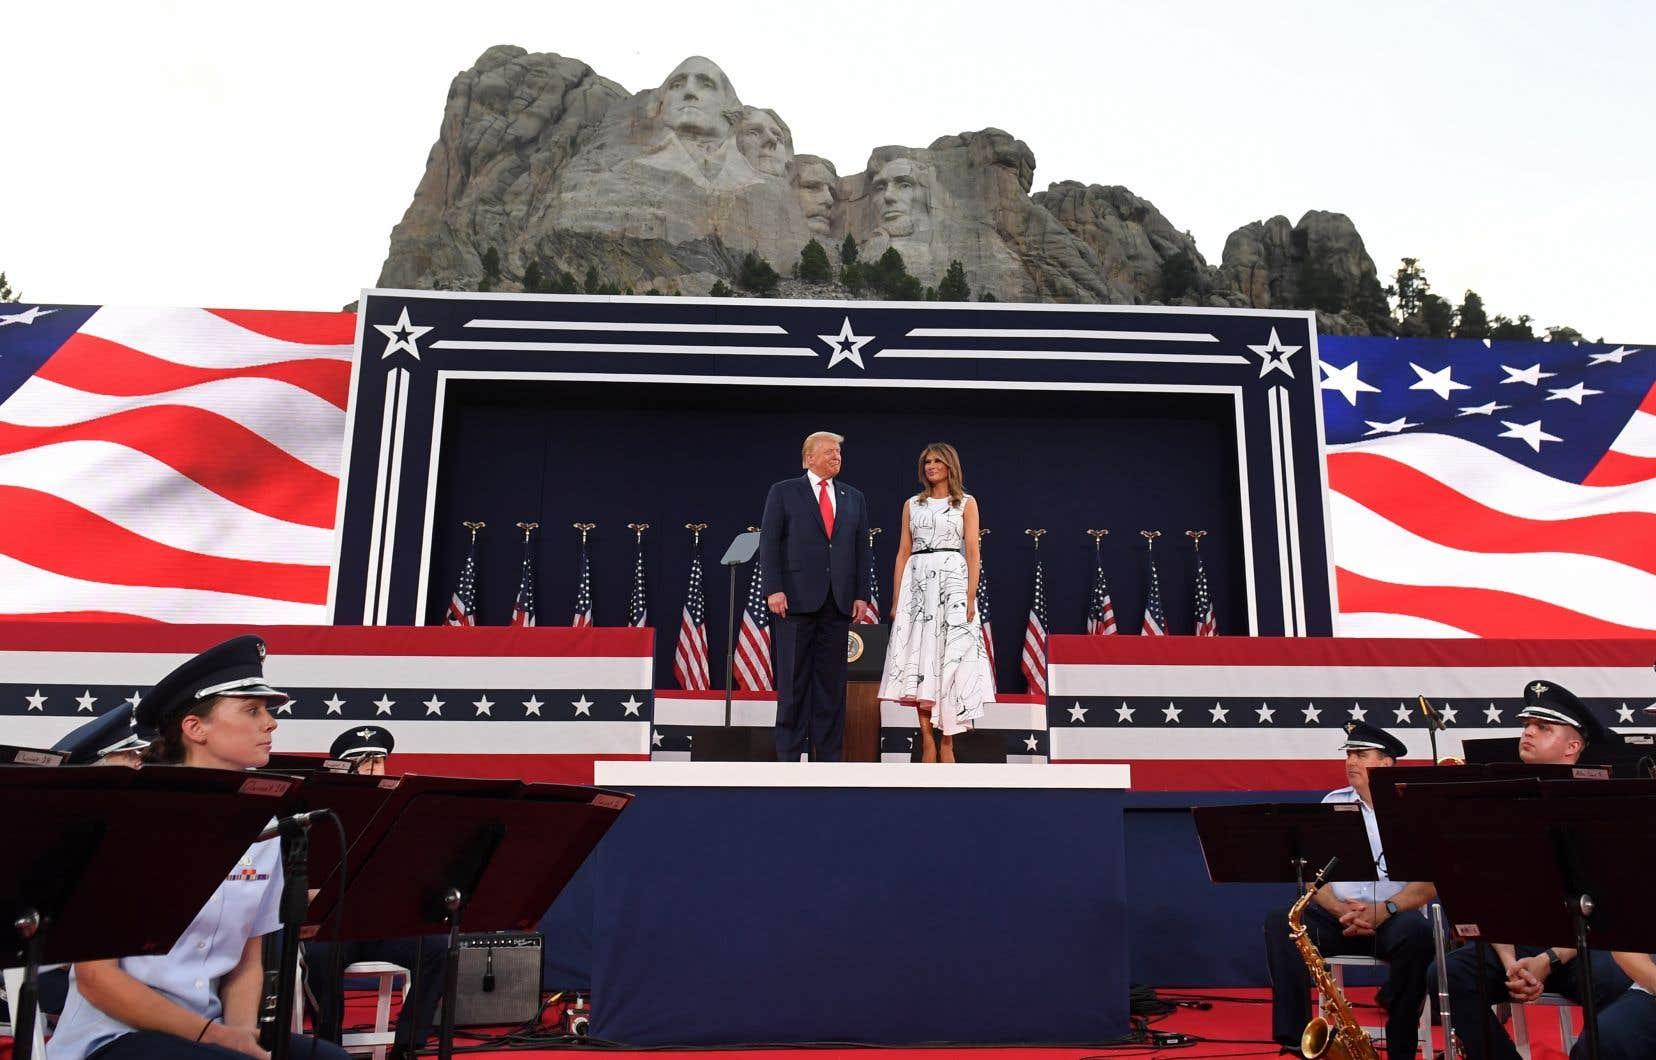 Très critiqué pour sa gestion de la pandémie, le président américain s'est offert, à la veille de la fête nationale du 4juillet, une soirée de feux d'artifice et un discours au ton très dur en terrain conquis.